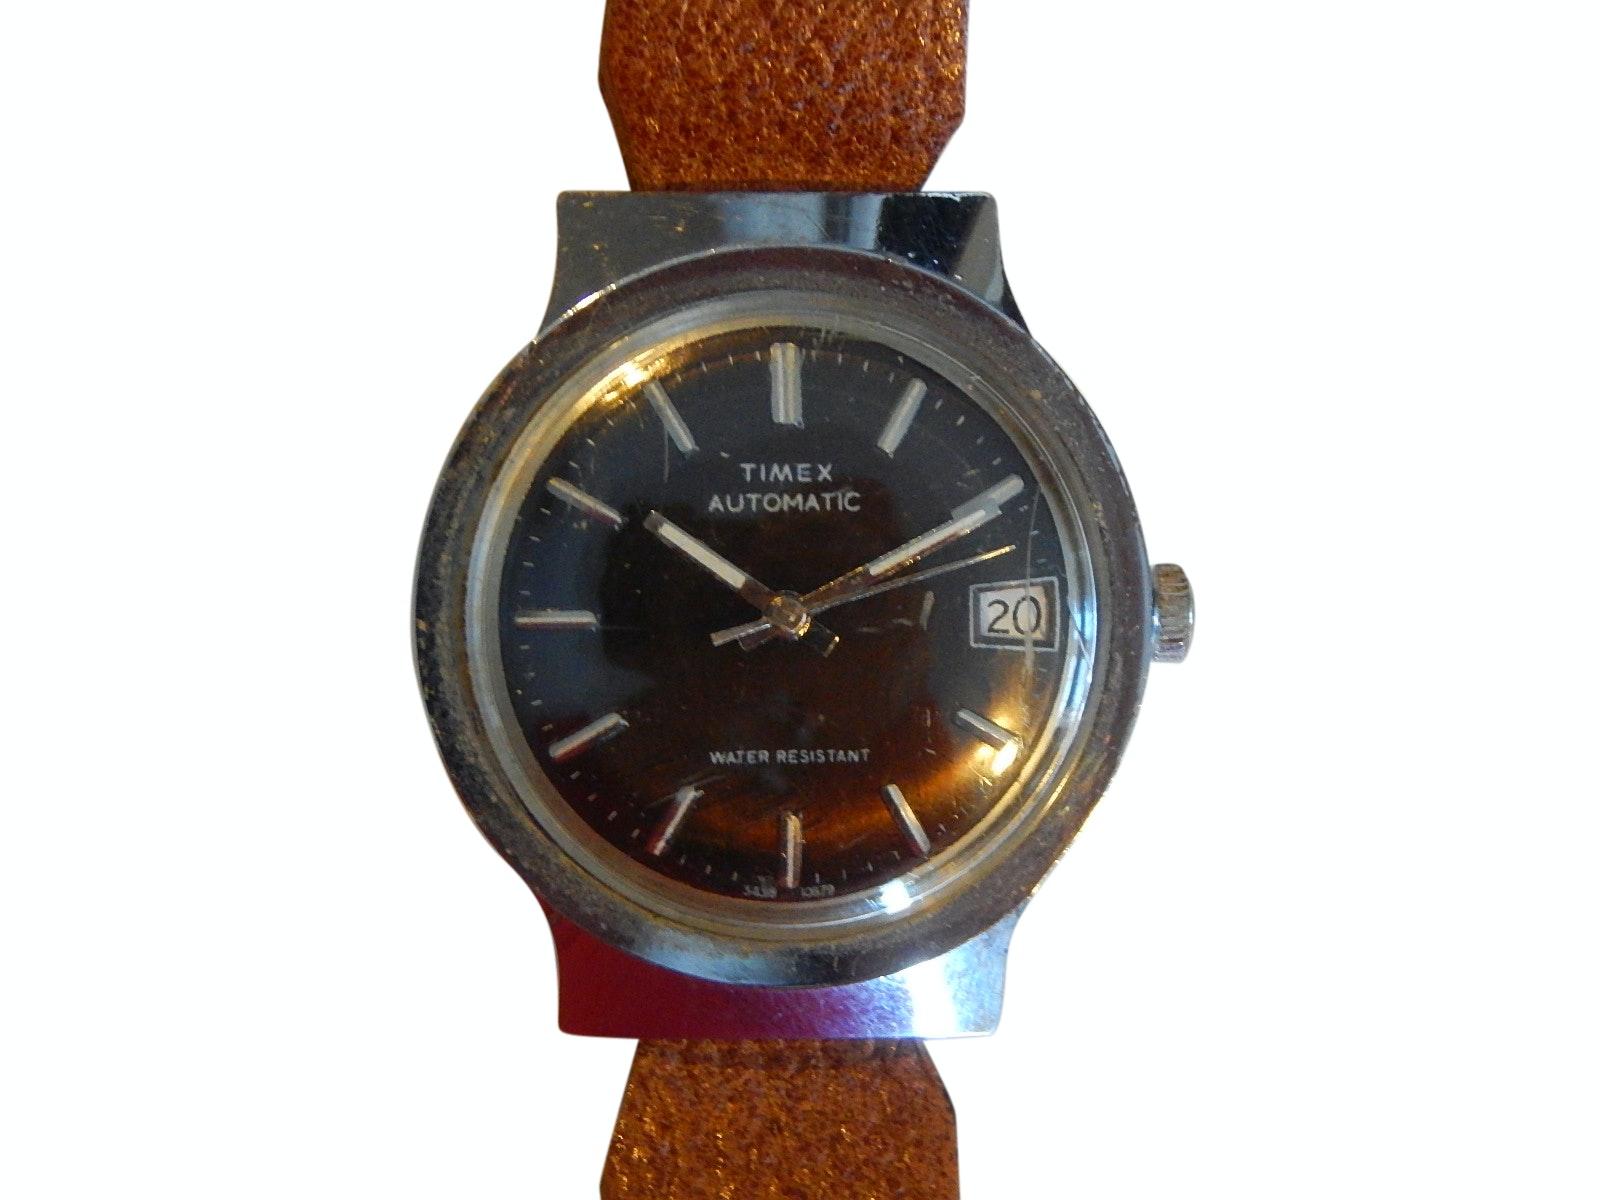 Timex Silver-Tone Automatic Wristwatch